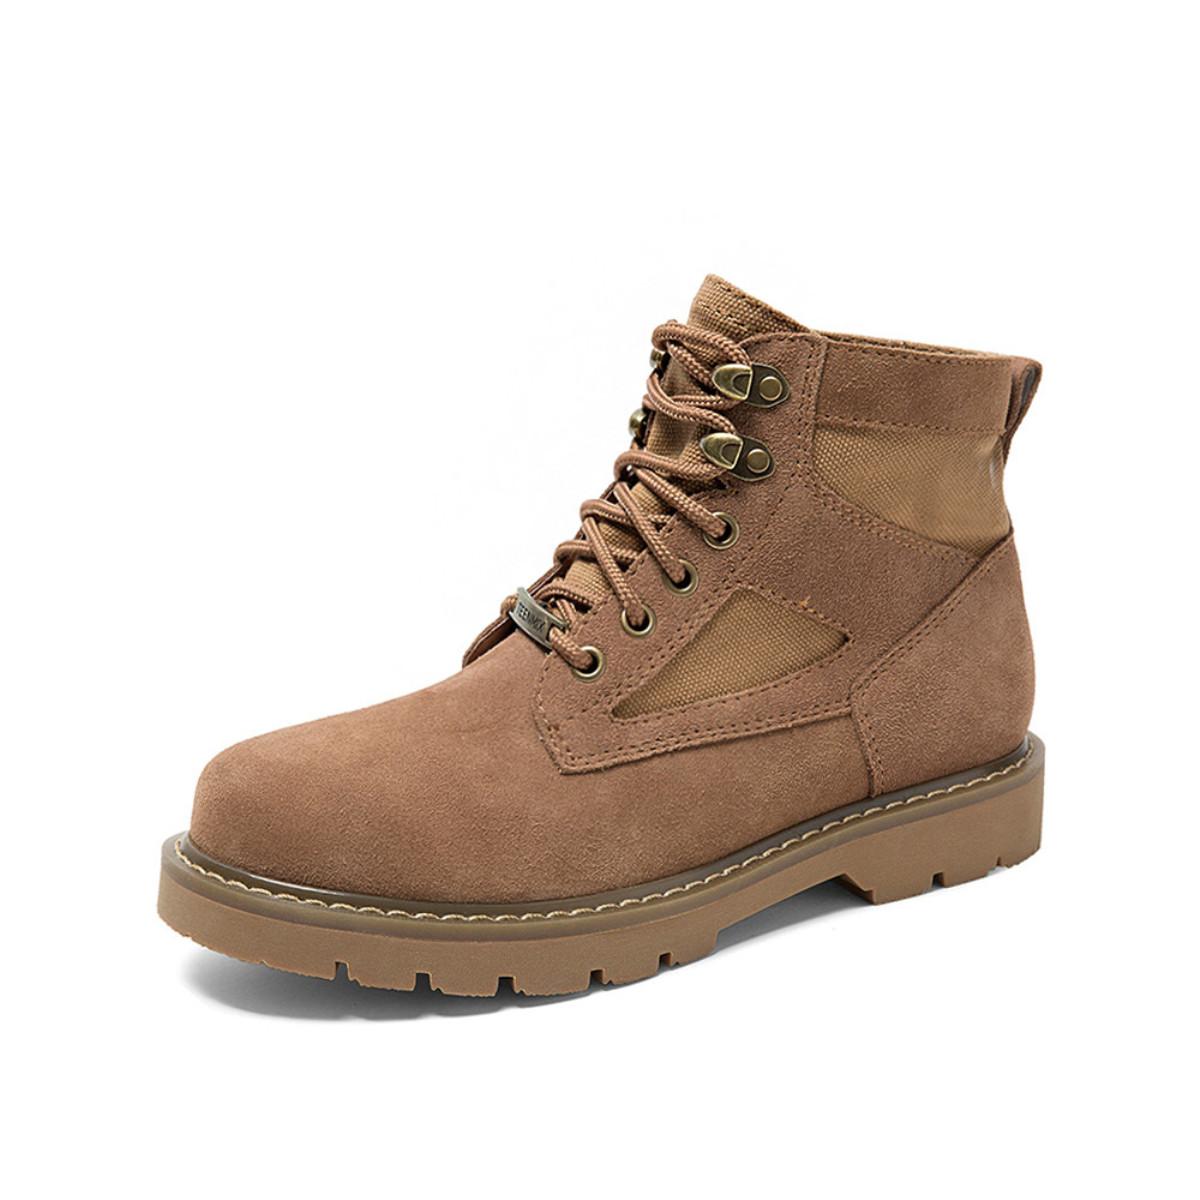 天美意天美意2019冬新款商场同款英伦工装马丁靴短靴女皮靴TGLAV171DS1DD9